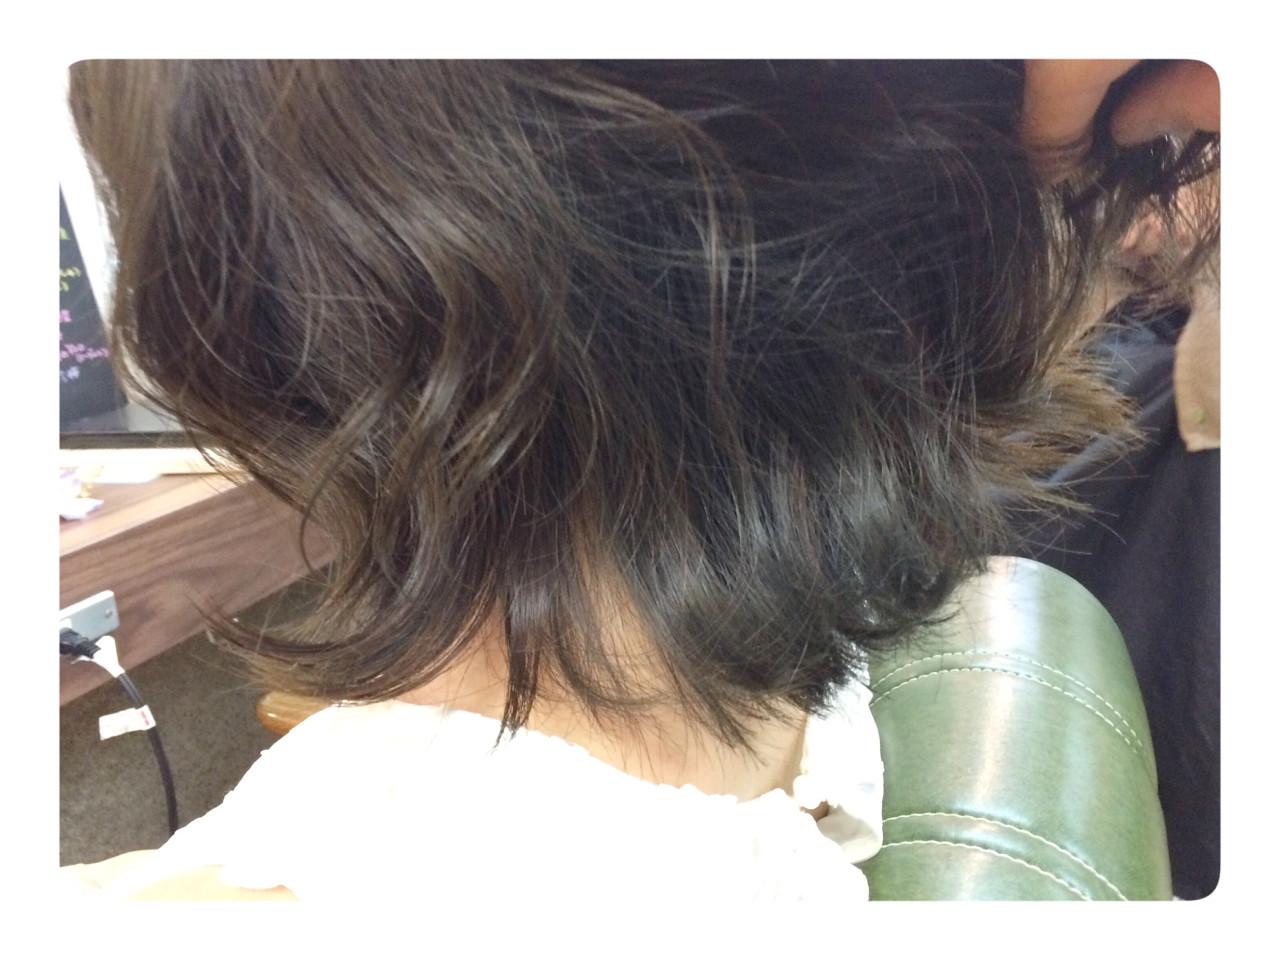 ガーリー インナーカラー アッシュ 暗髪 ヘアスタイルや髪型の写真・画像 | 山本悠平 / hair salon nano